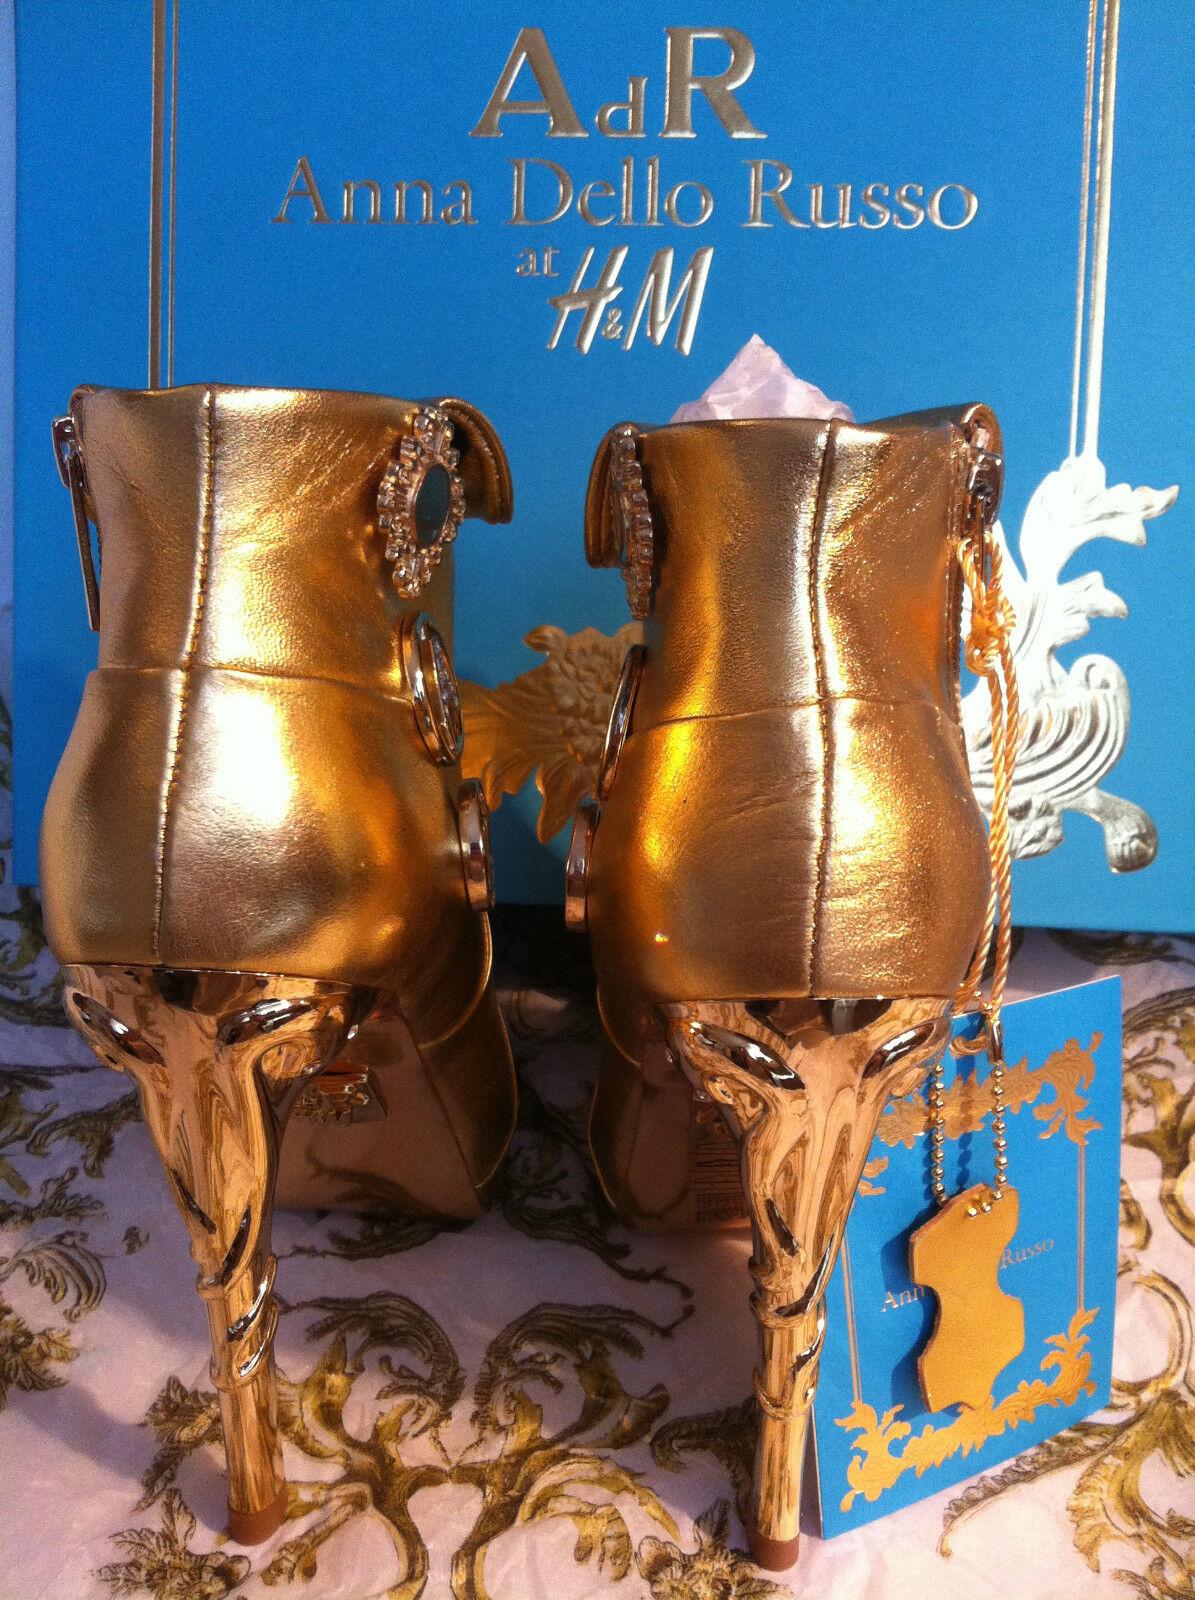 Anna dello russo CDR Stivali Stivali Stivali Stivaletti in pelle oro tacco alto EUR 39+40 b9d551